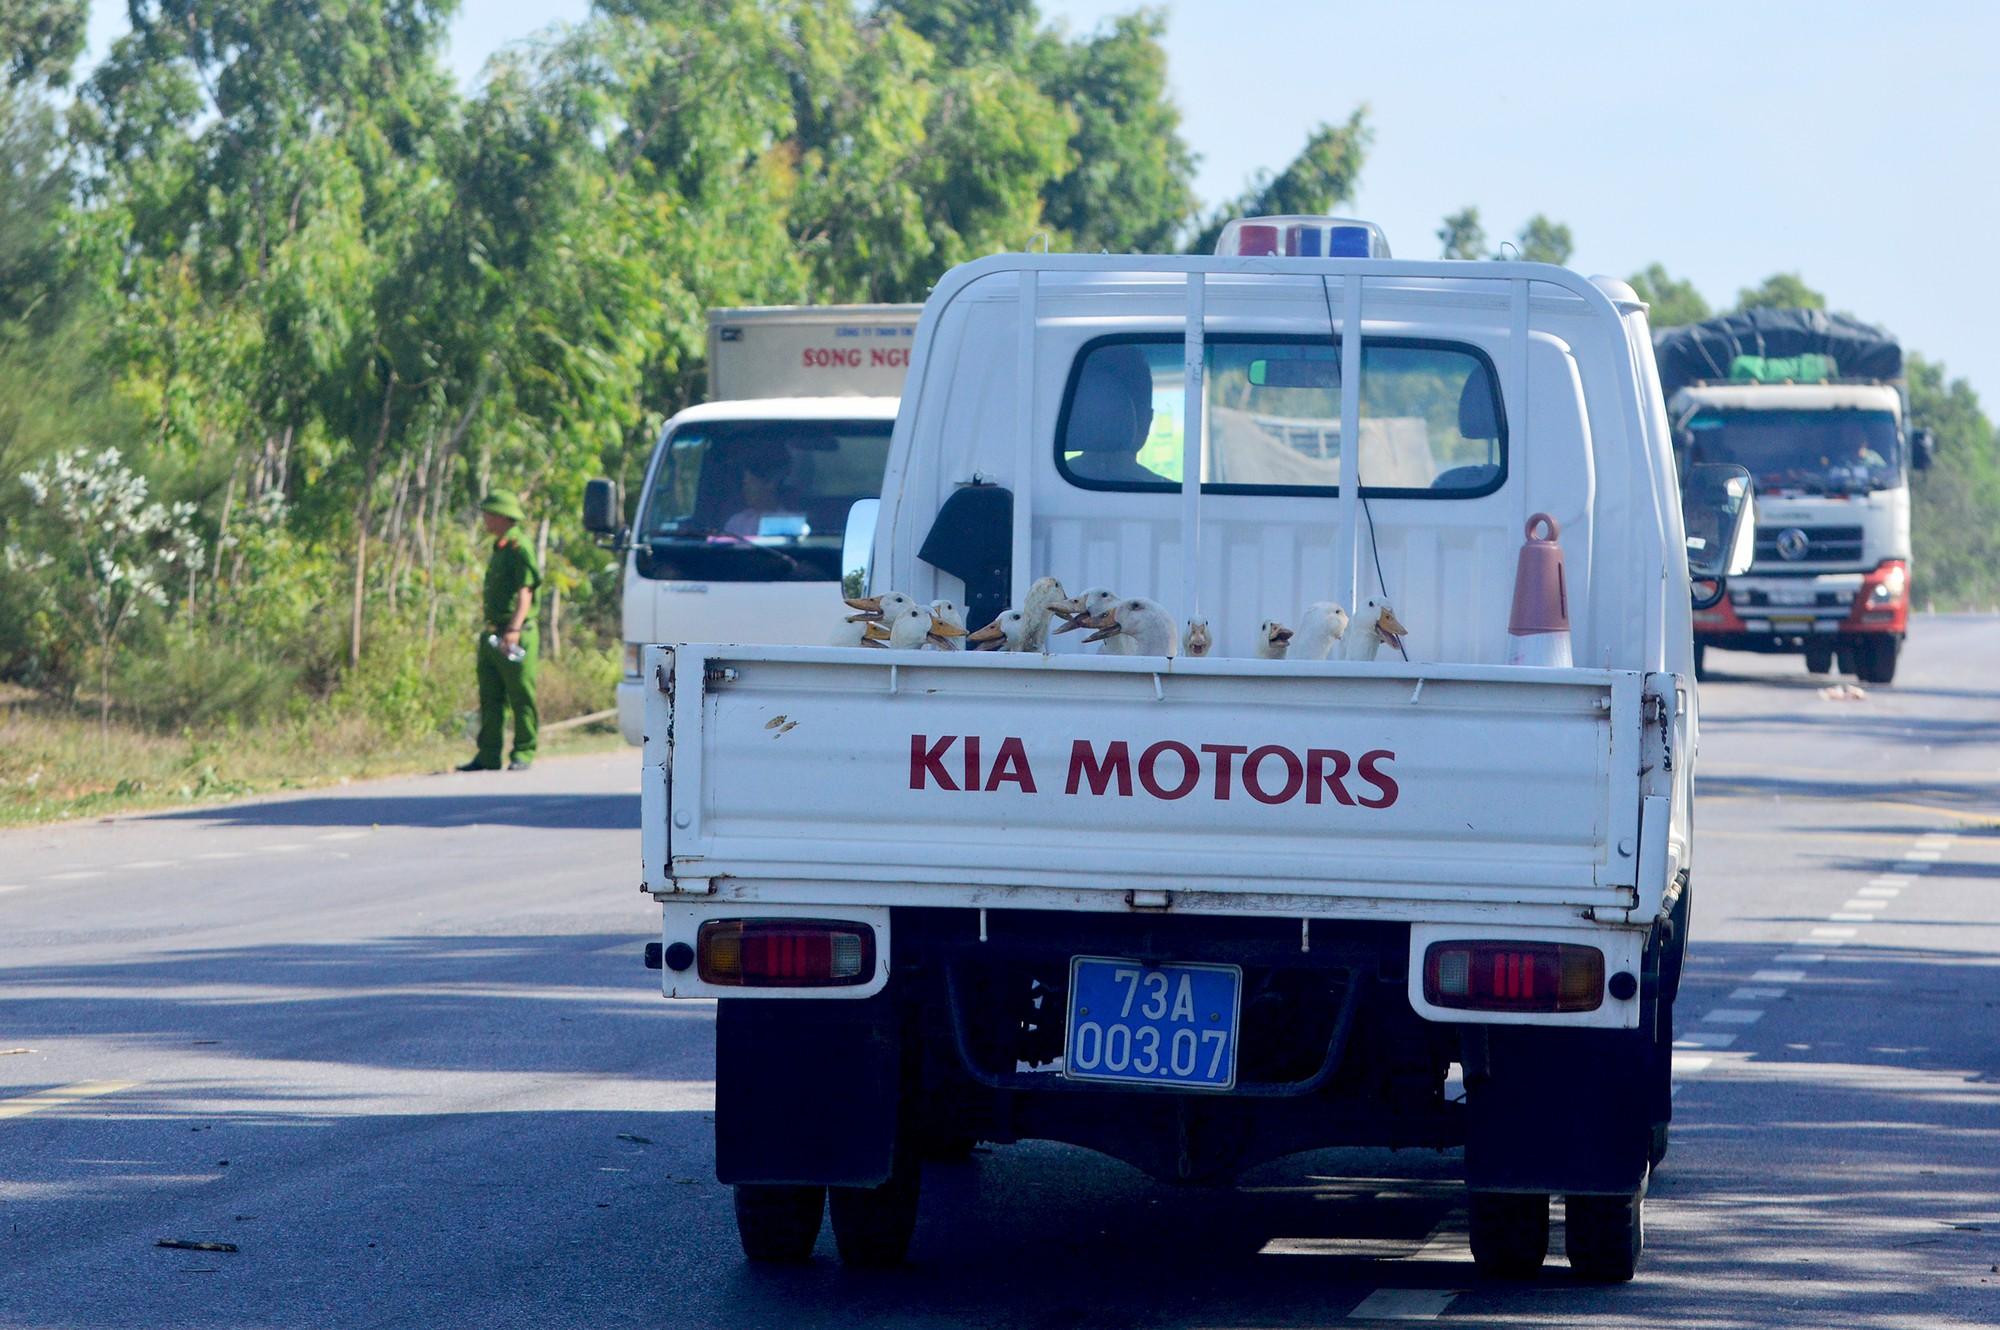 Người dân thi nhau 'hôi vịt' từ xe tải, công an phải đi vận động trả lại 7